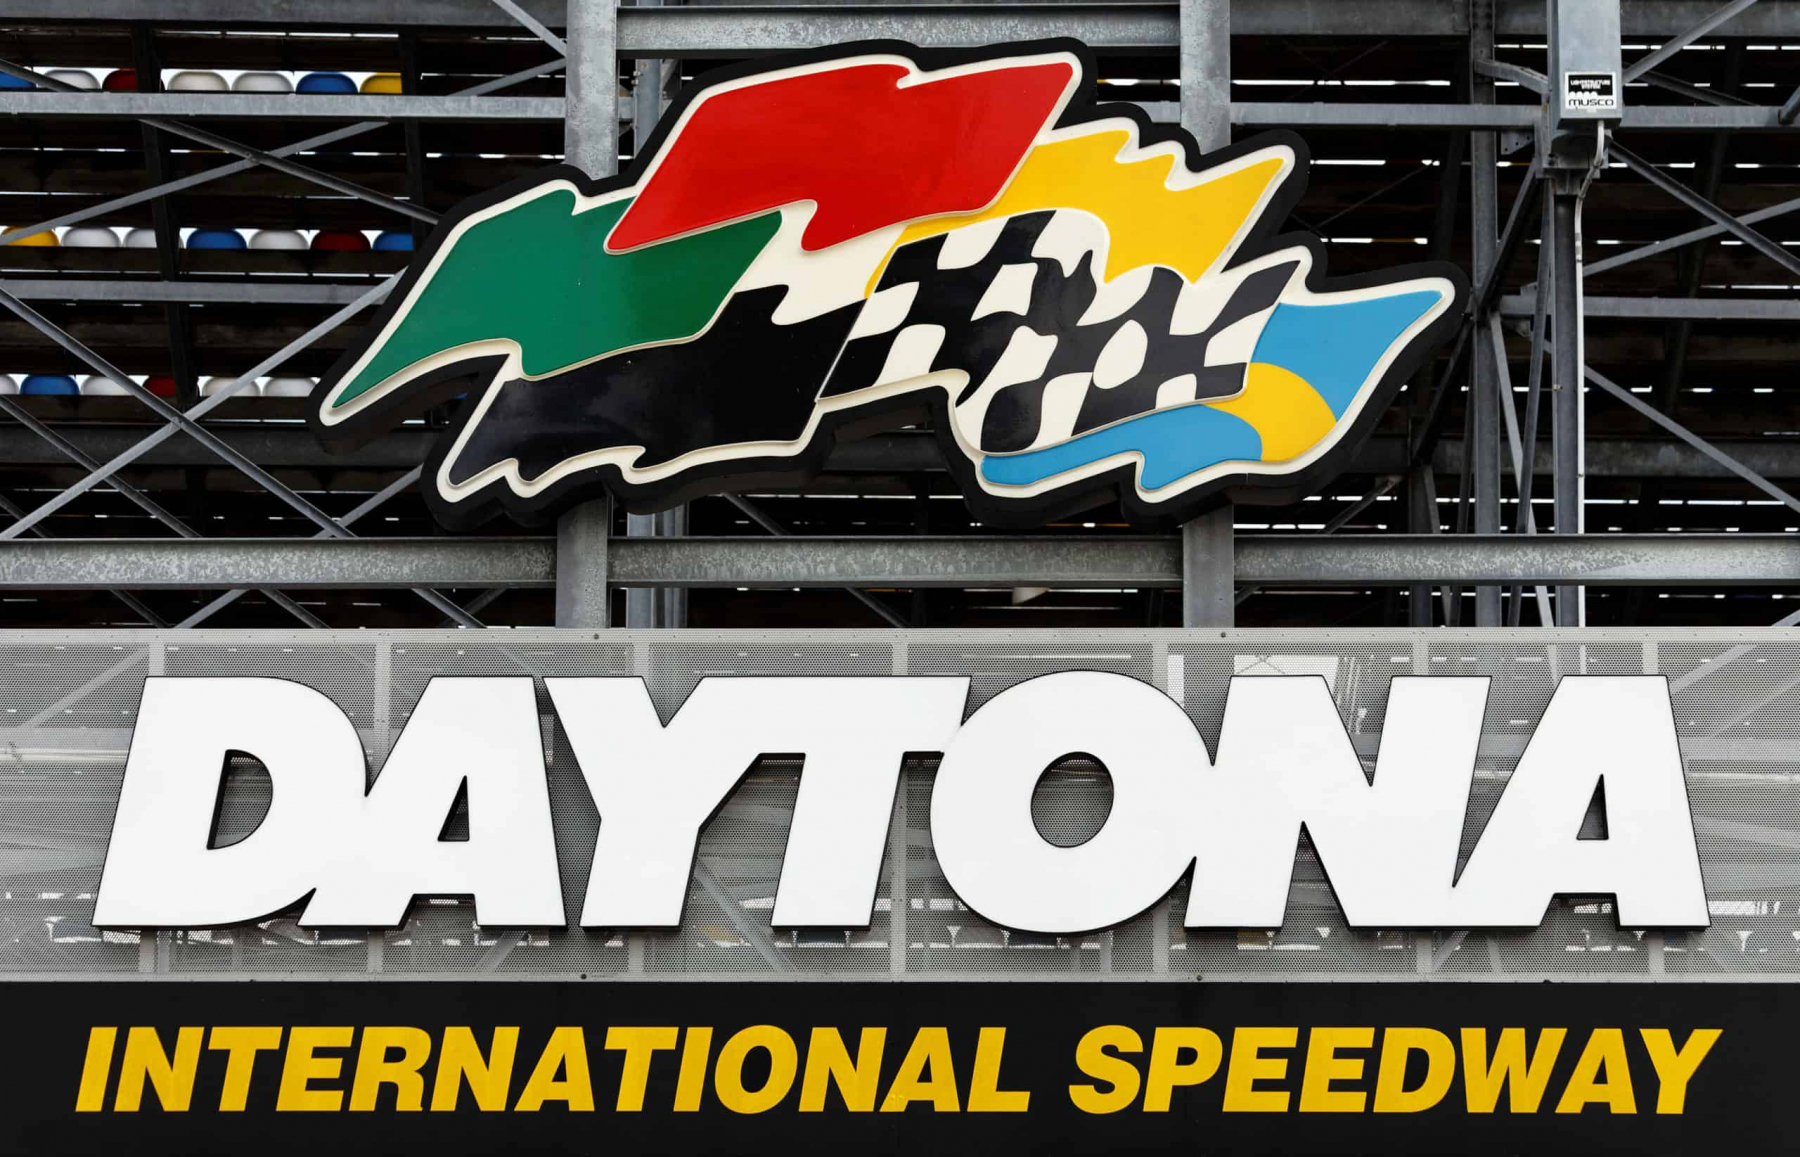 Daytona erwartet das bestbesetzte Triathlon-Starterfeld des Jahres.